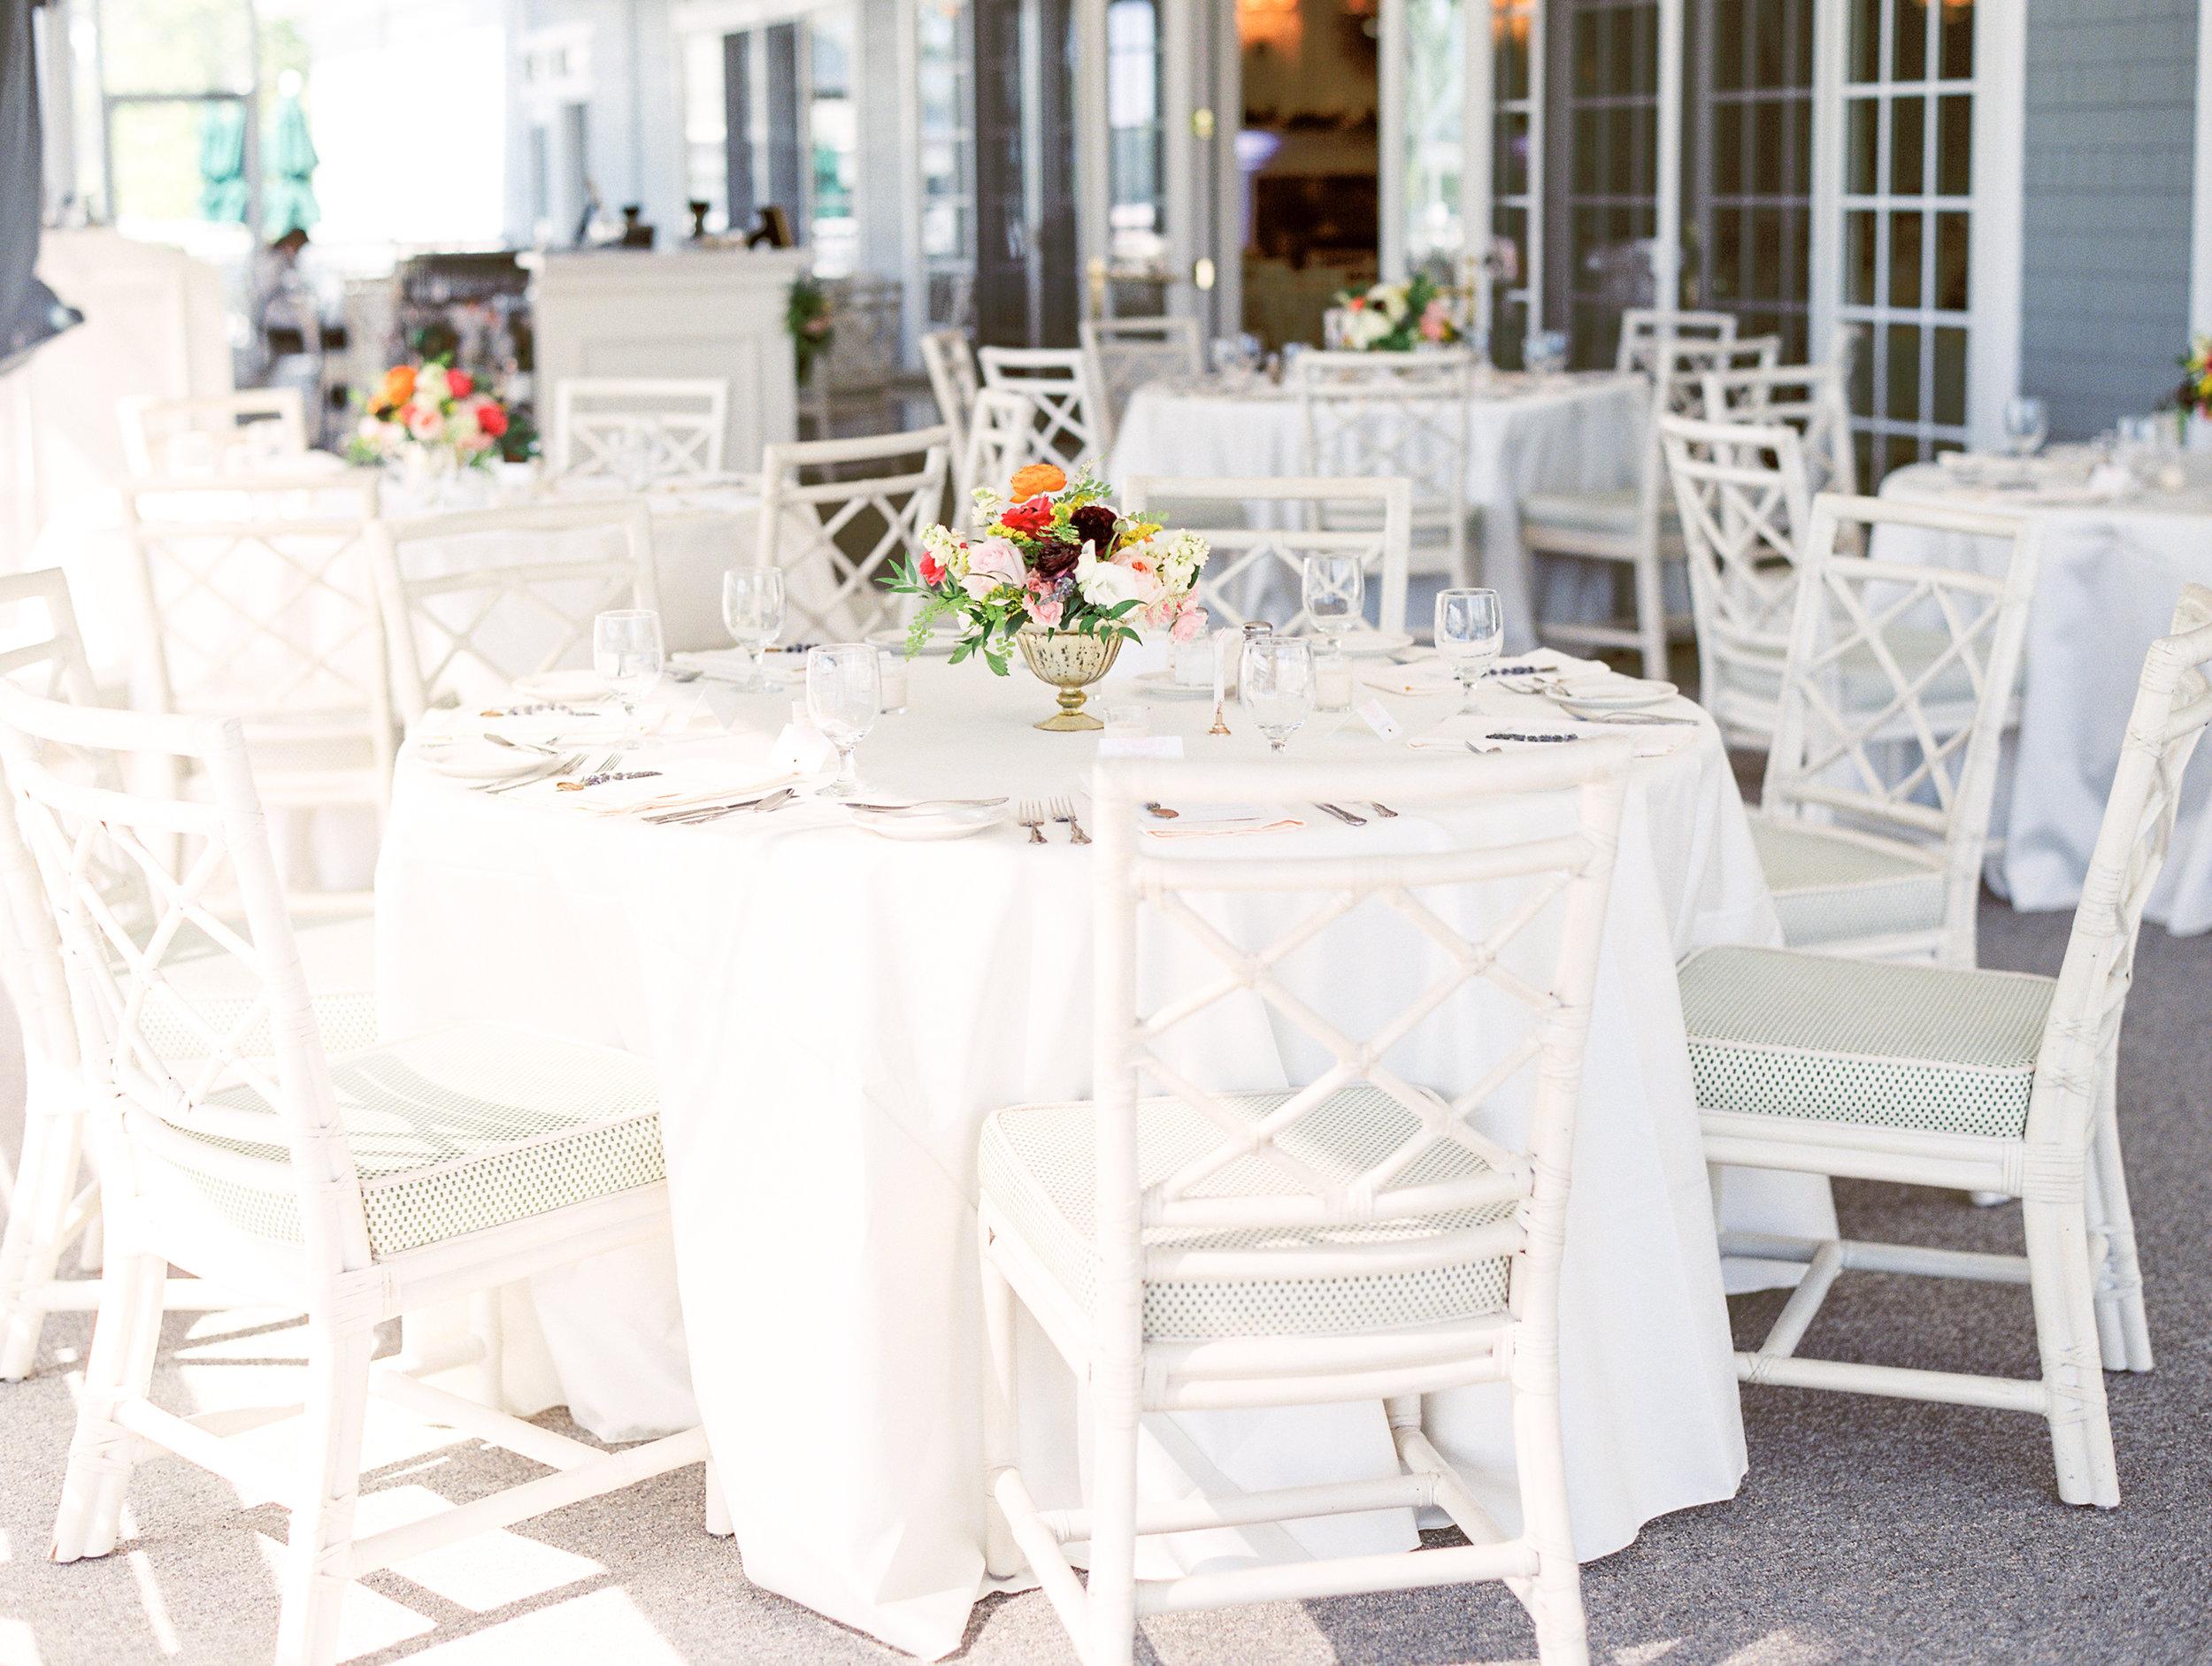 Govathoti+Wedding+Reception+Details-58.jpg